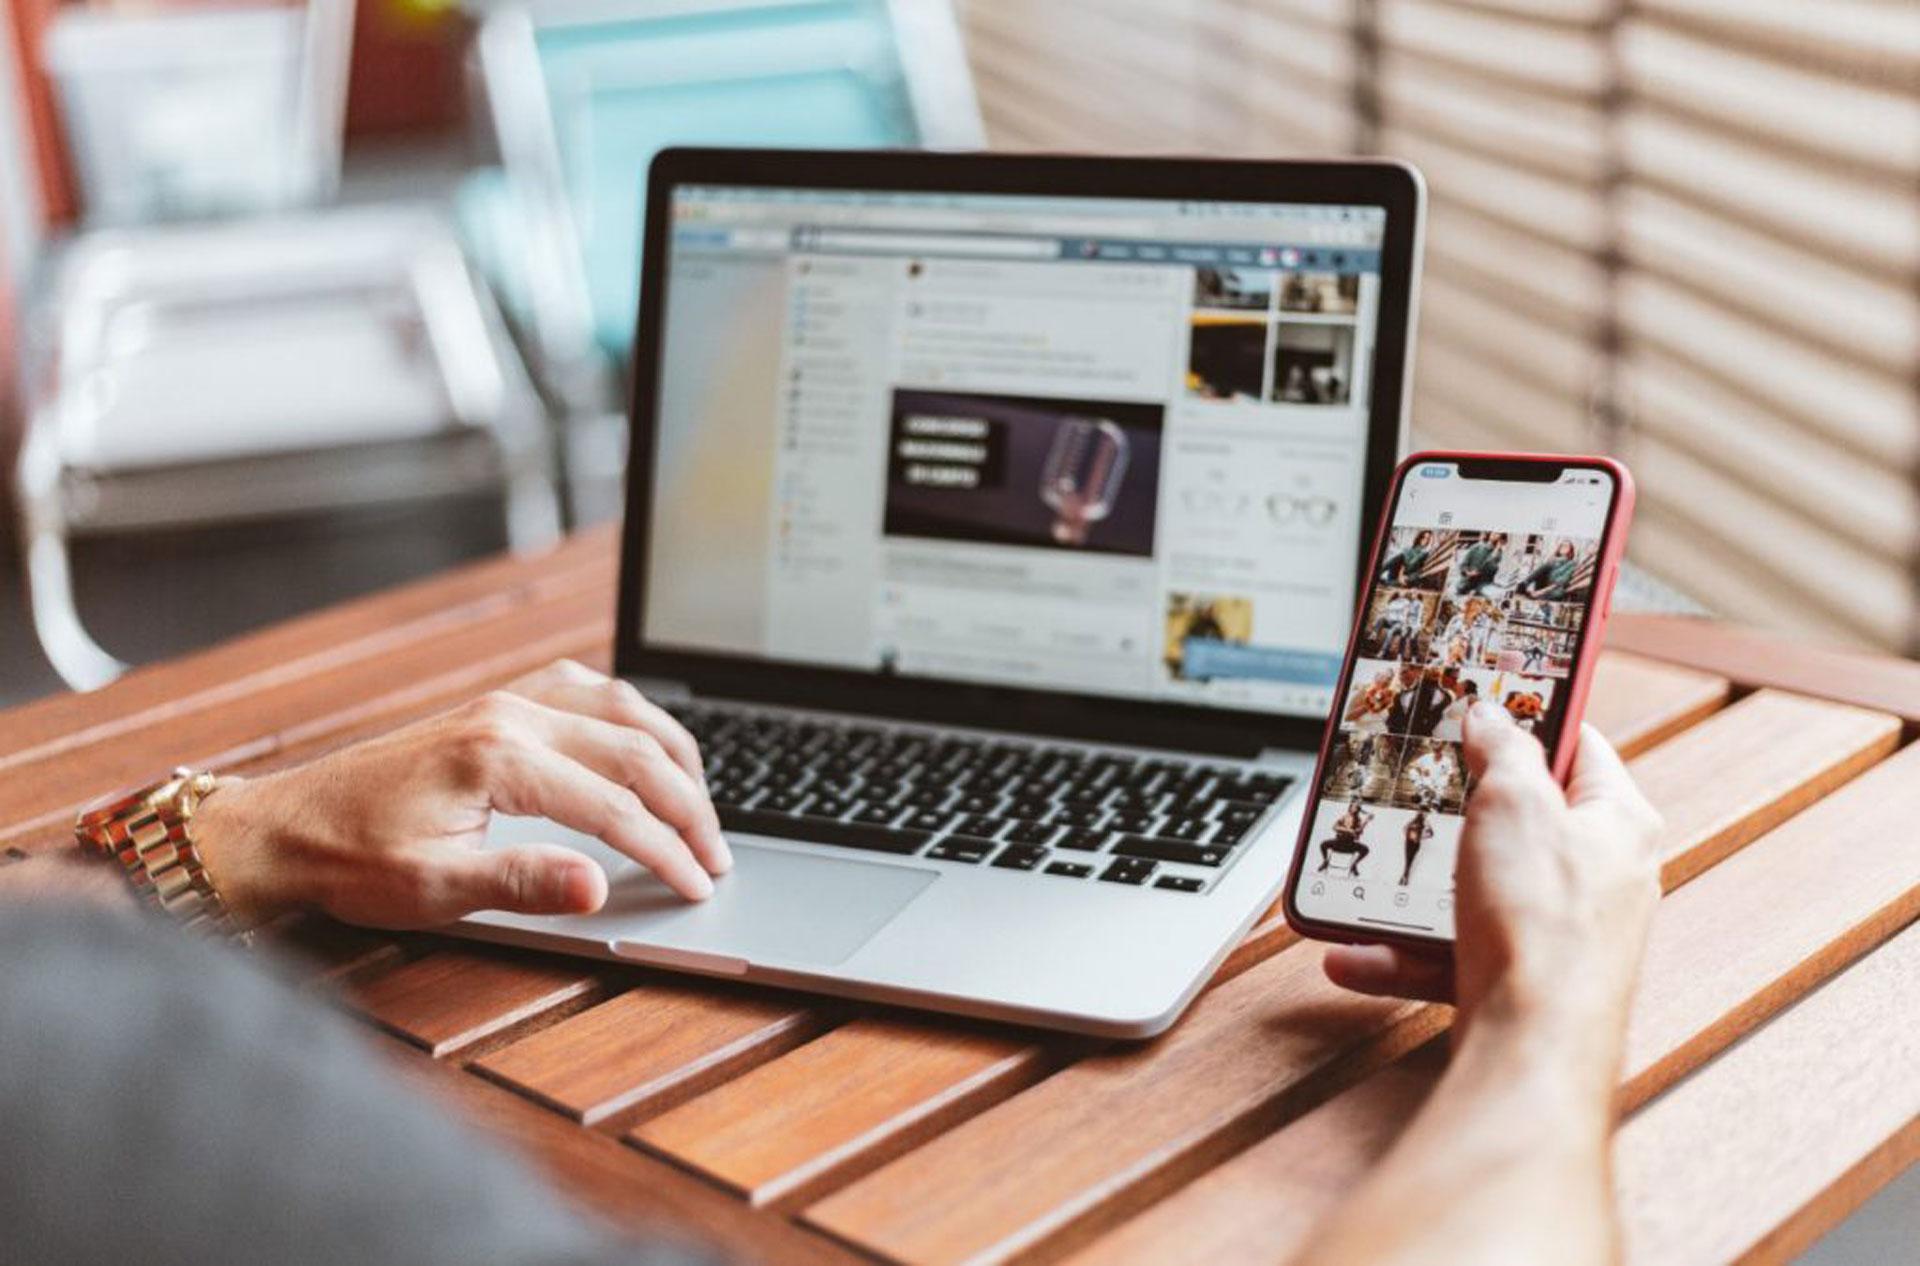 homme consulte réseaux sociaux sur son téléphone et sur son ordinateur